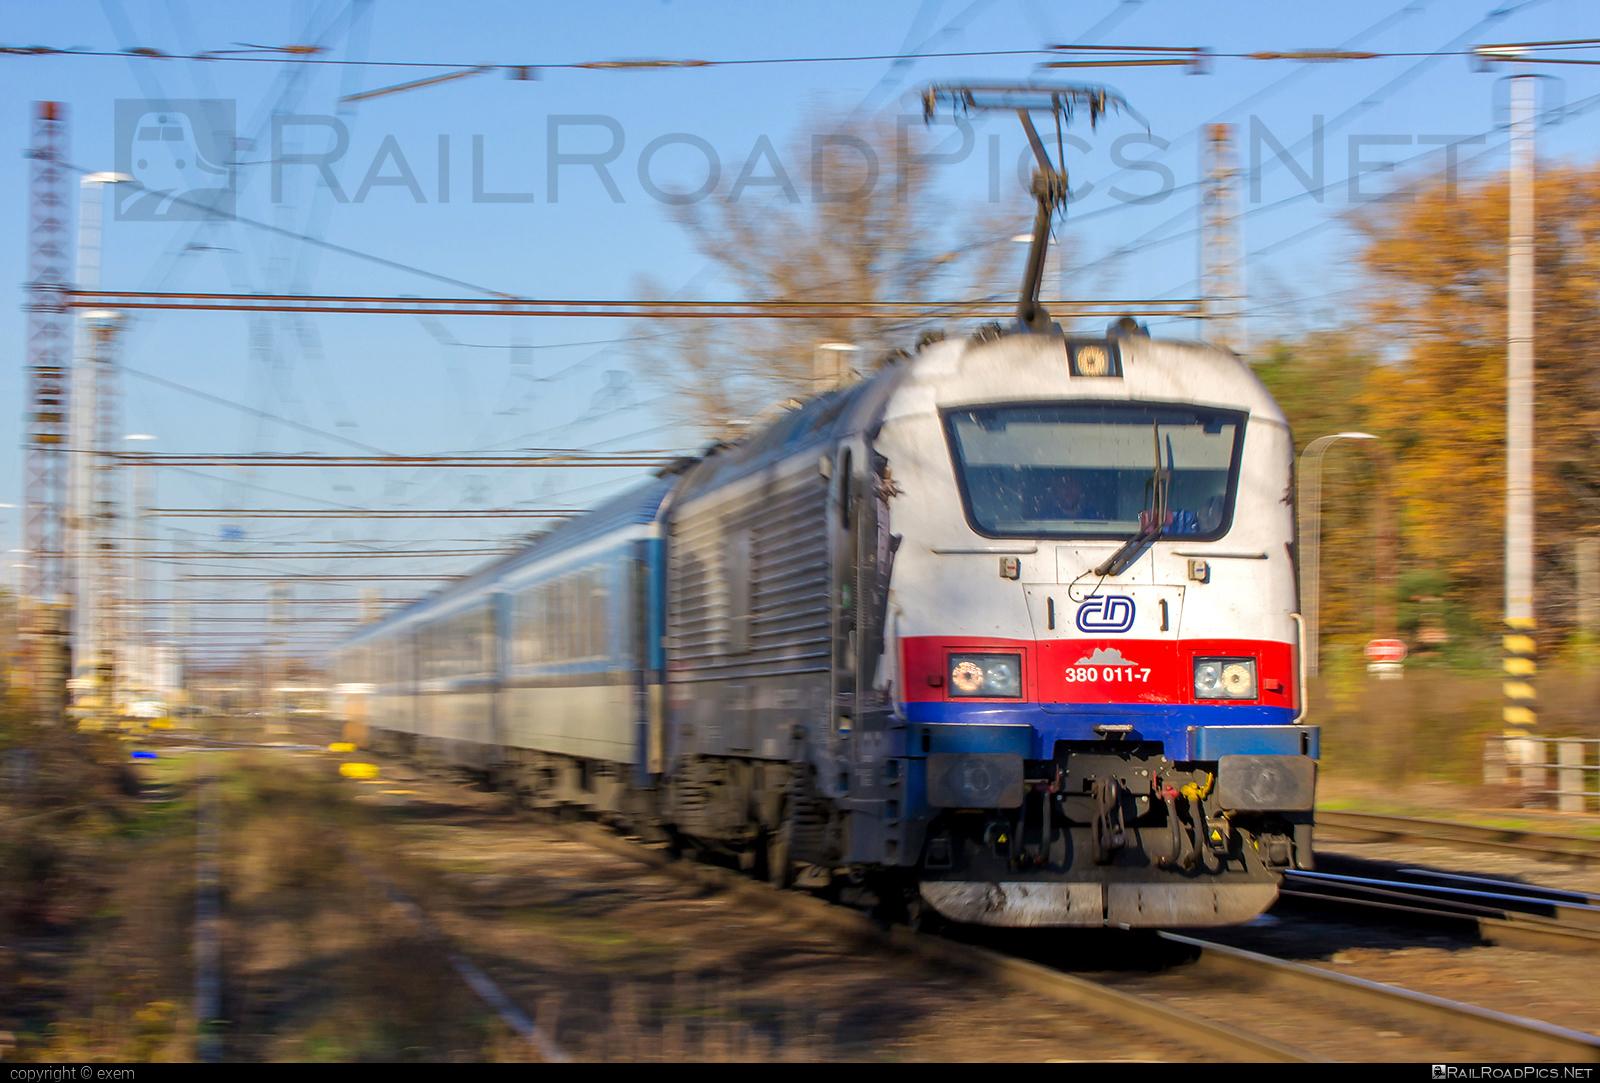 Škoda 109E1 Emil Zátopek - 380 011-7 operated by České dráhy, a.s. #ceskedrahy #emilzatopeklocomotive #locomotive380 #skoda #skoda109e #skoda109elocomotive